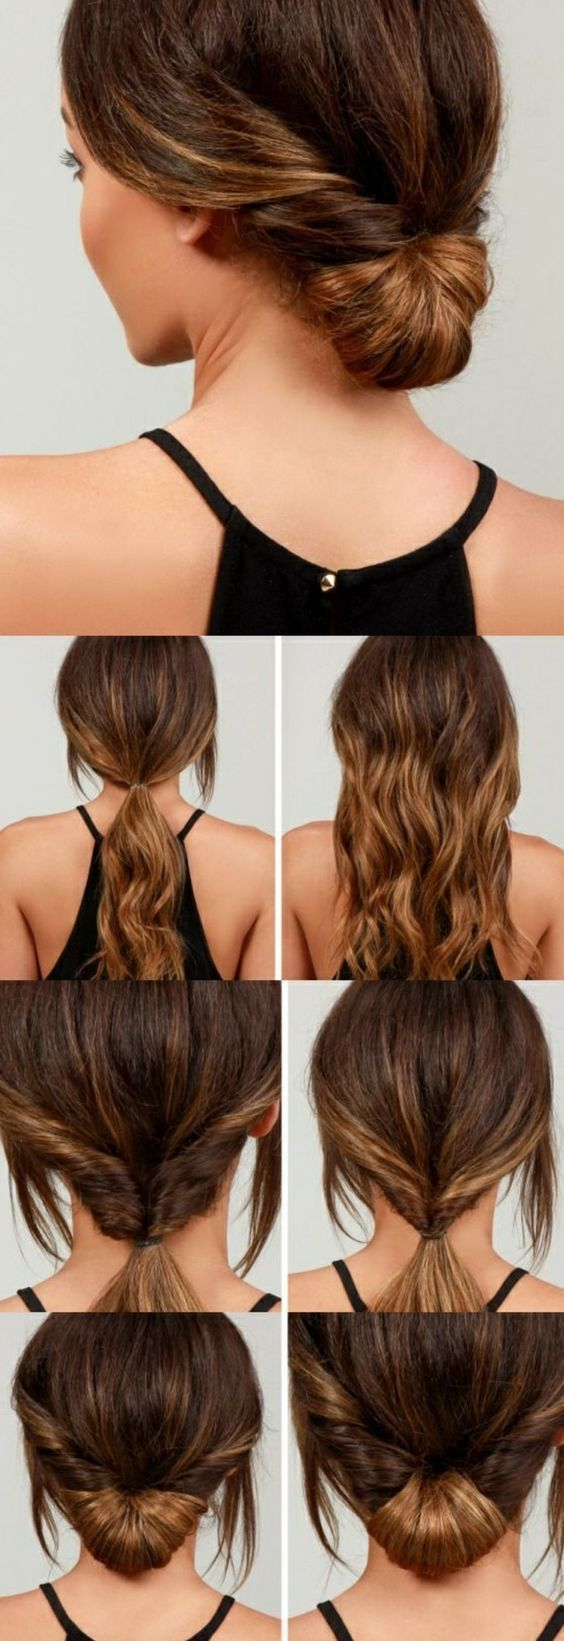 ▷ 1001 + Ideen für schöne Haarfrisuren Plus Anleitungen zum Selbermachen #girlhairstyles